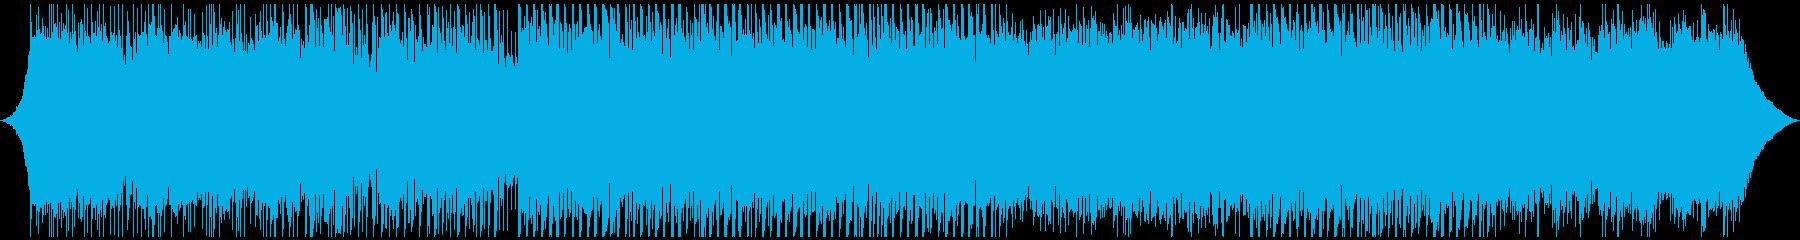 アンビエント コーポレート アクテ...の再生済みの波形